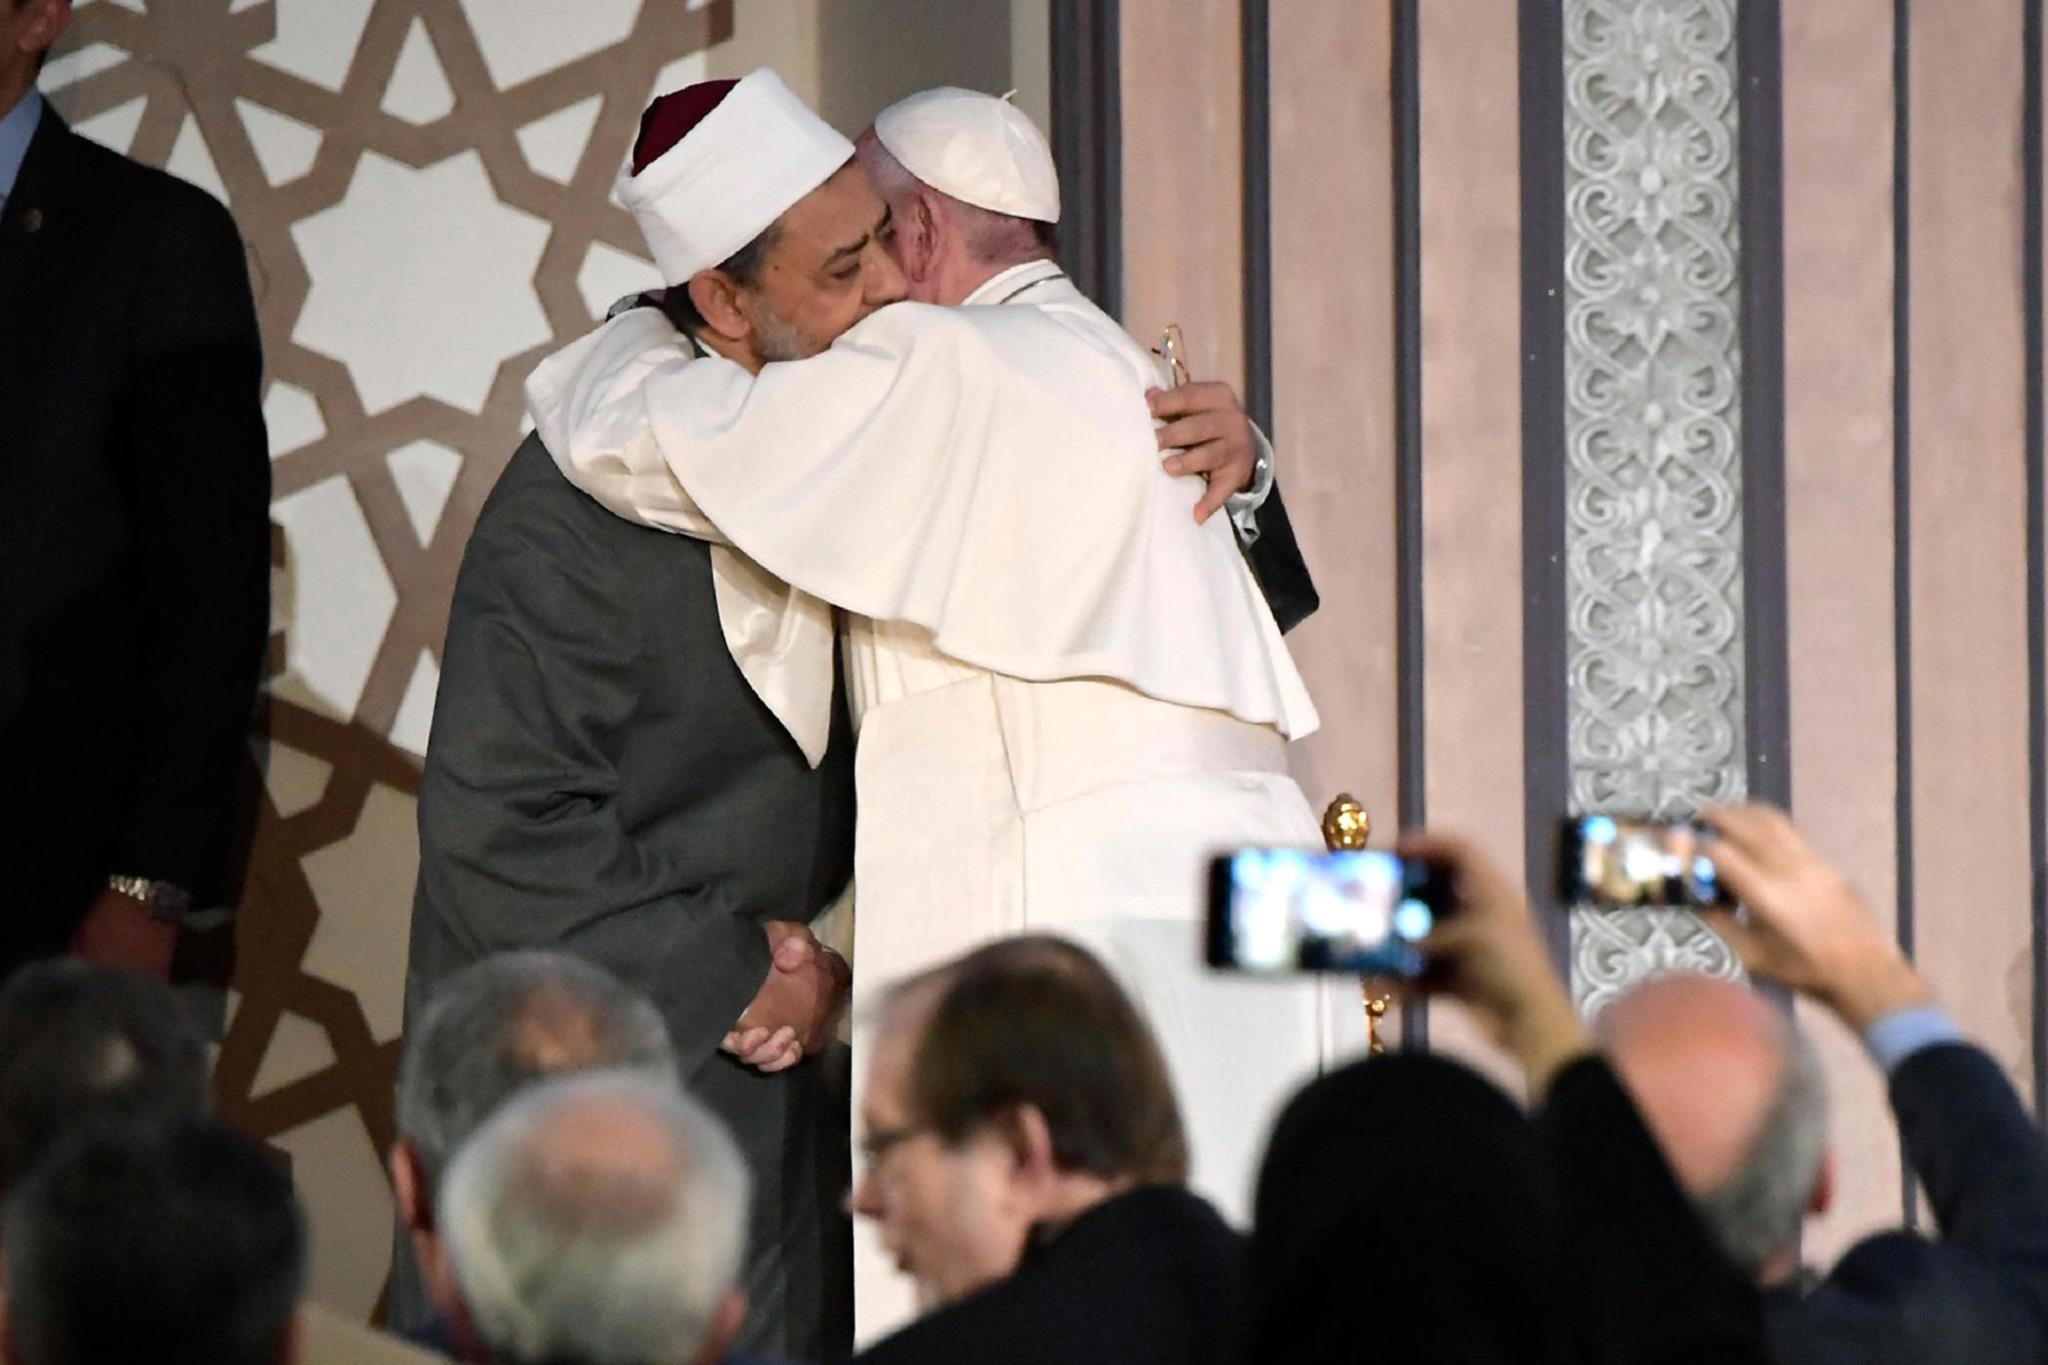 PÚBLICO - No Egipto, Papa pede o fim da violência em nome da religião